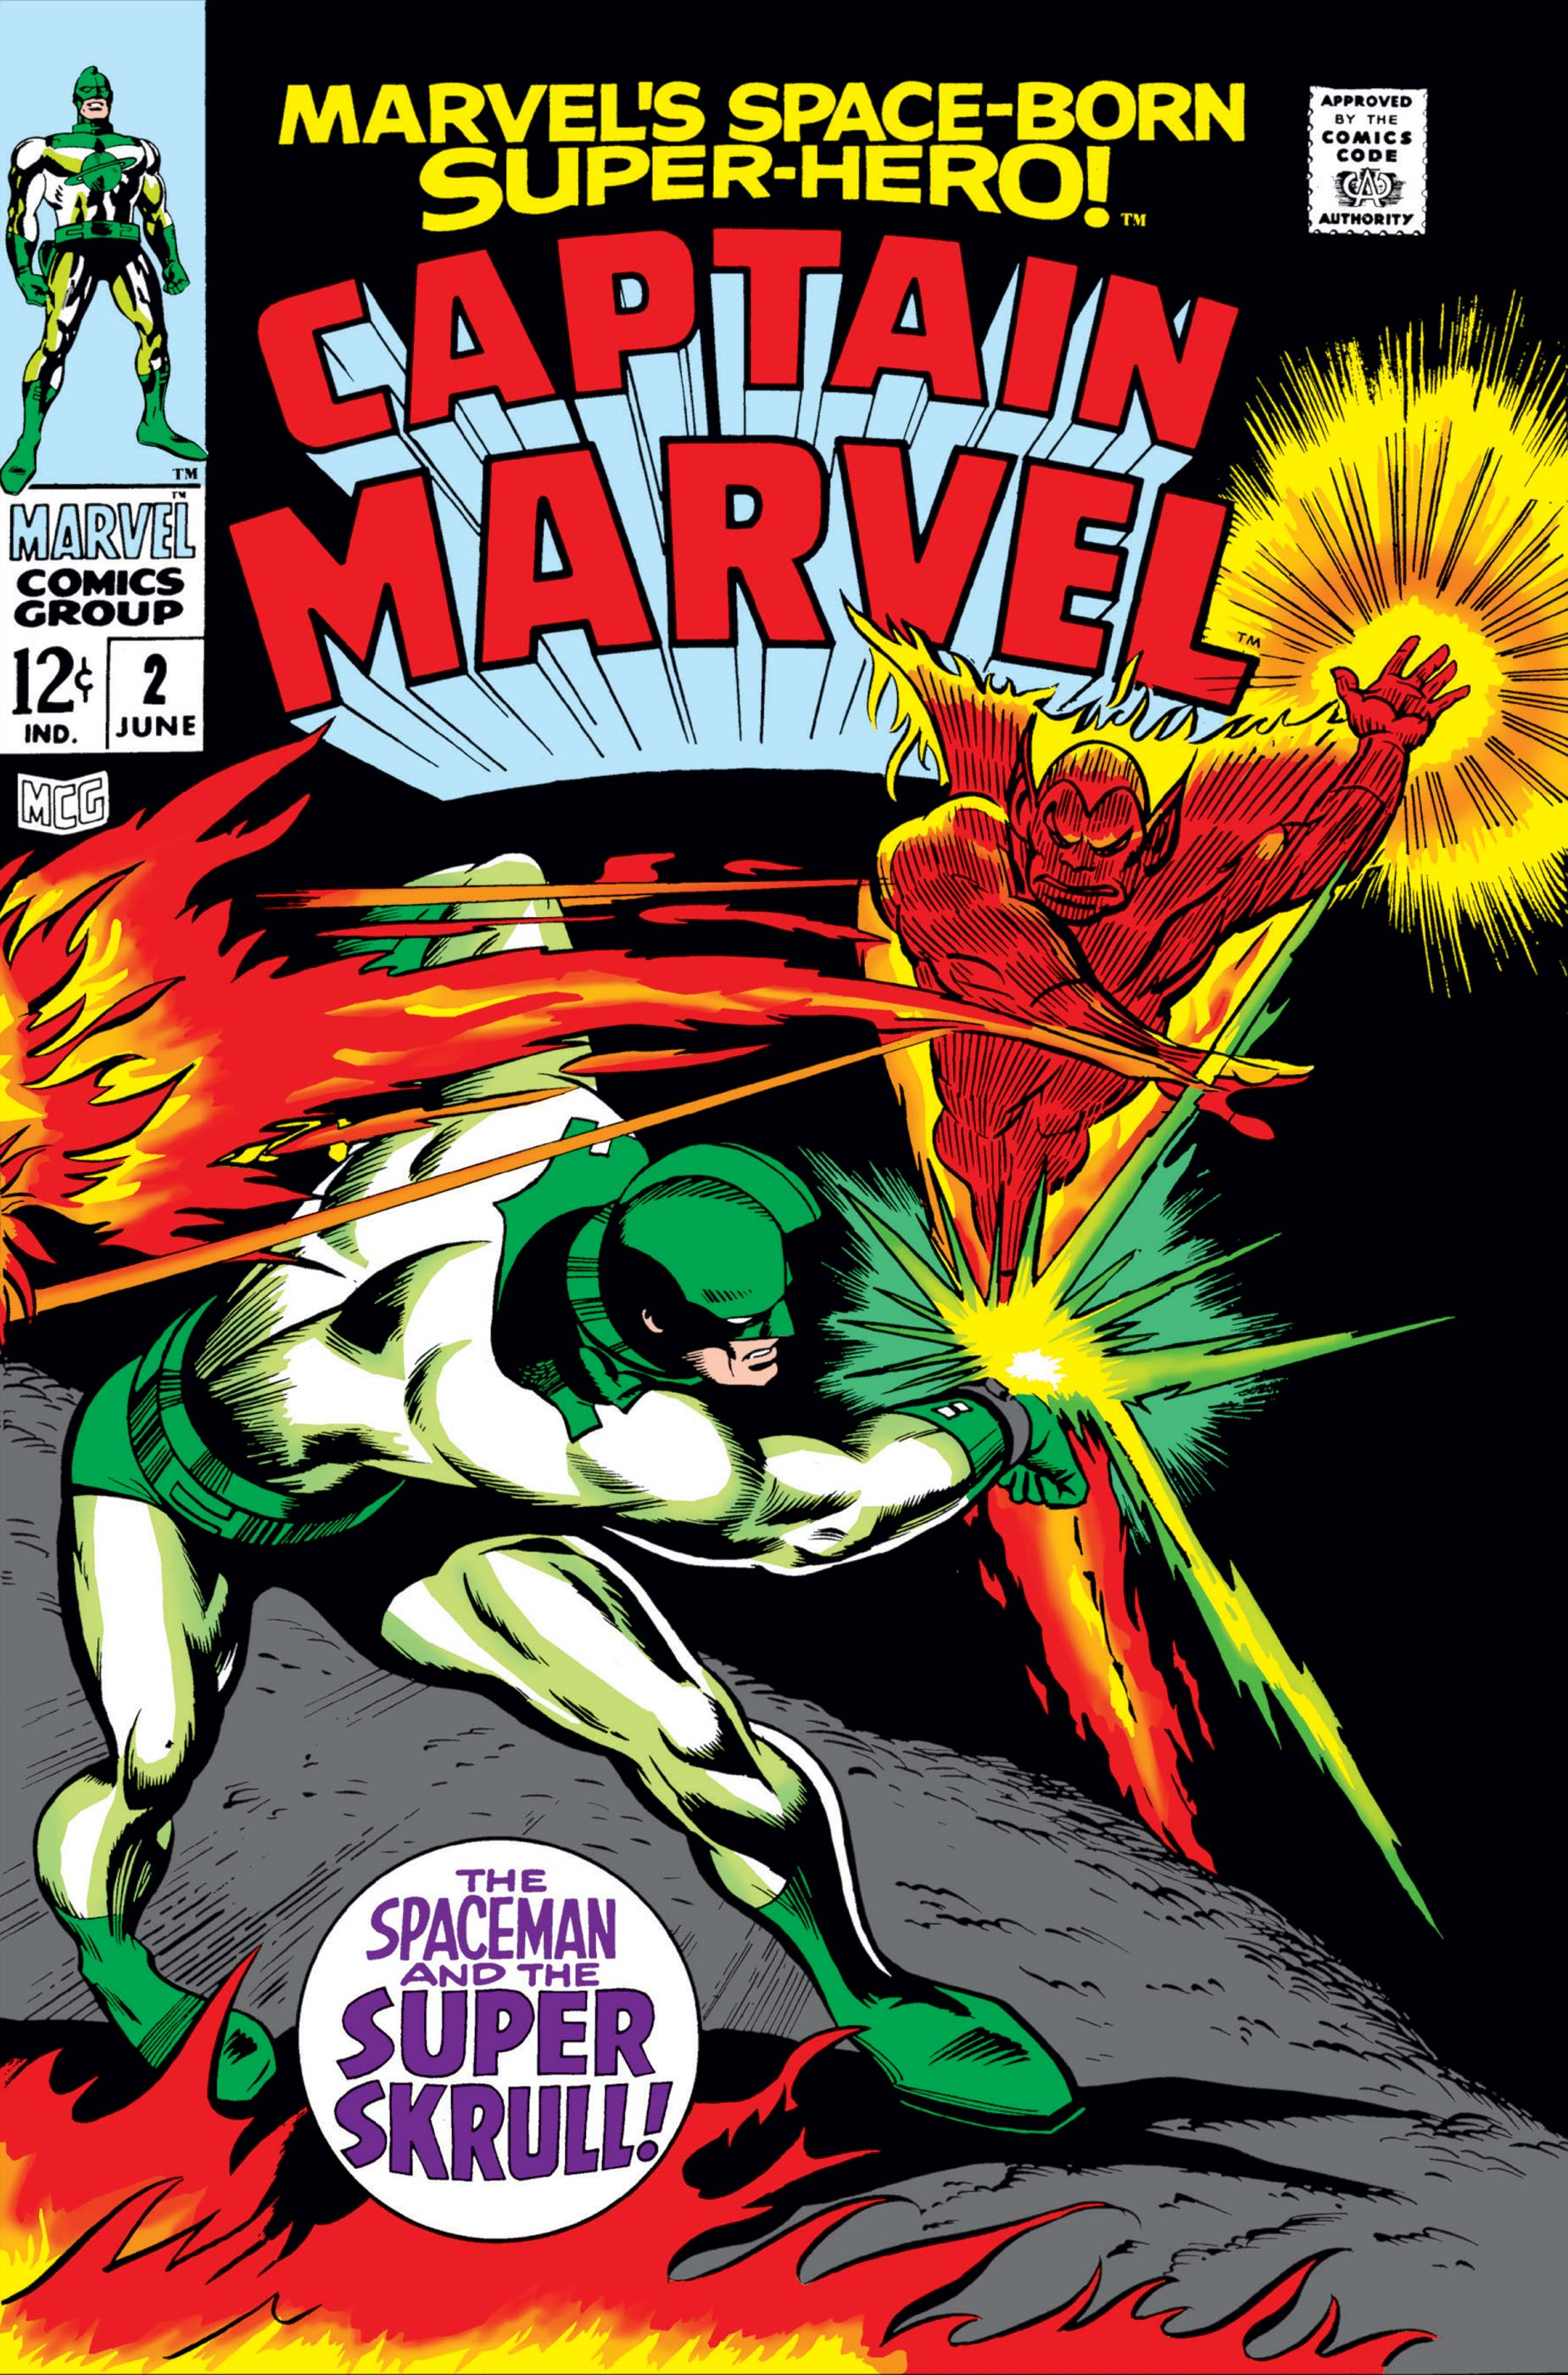 Captain Marvel (1968) #2